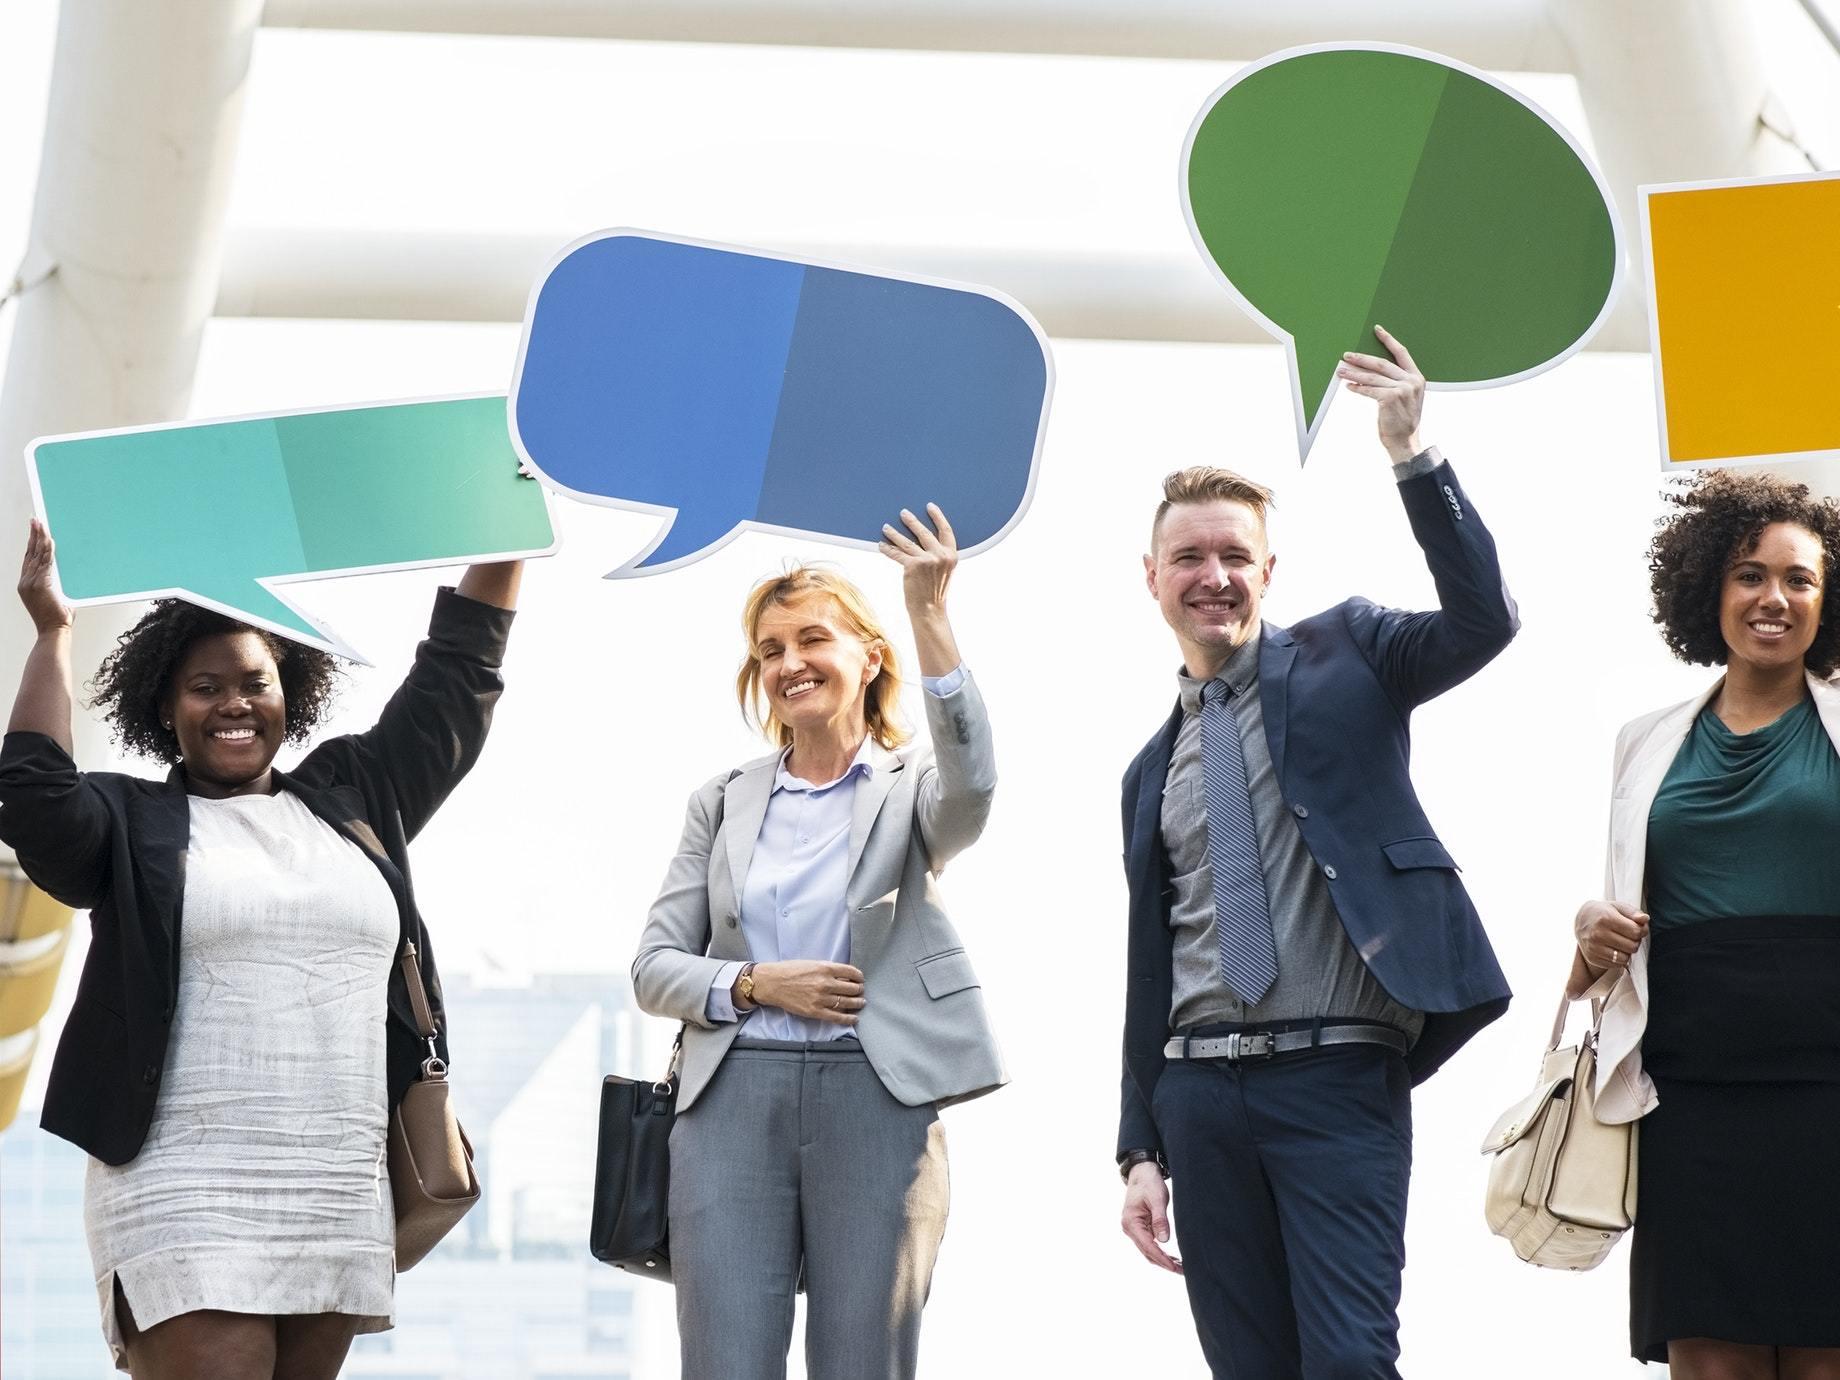 非洲雙十一,如何打造品牌影響力